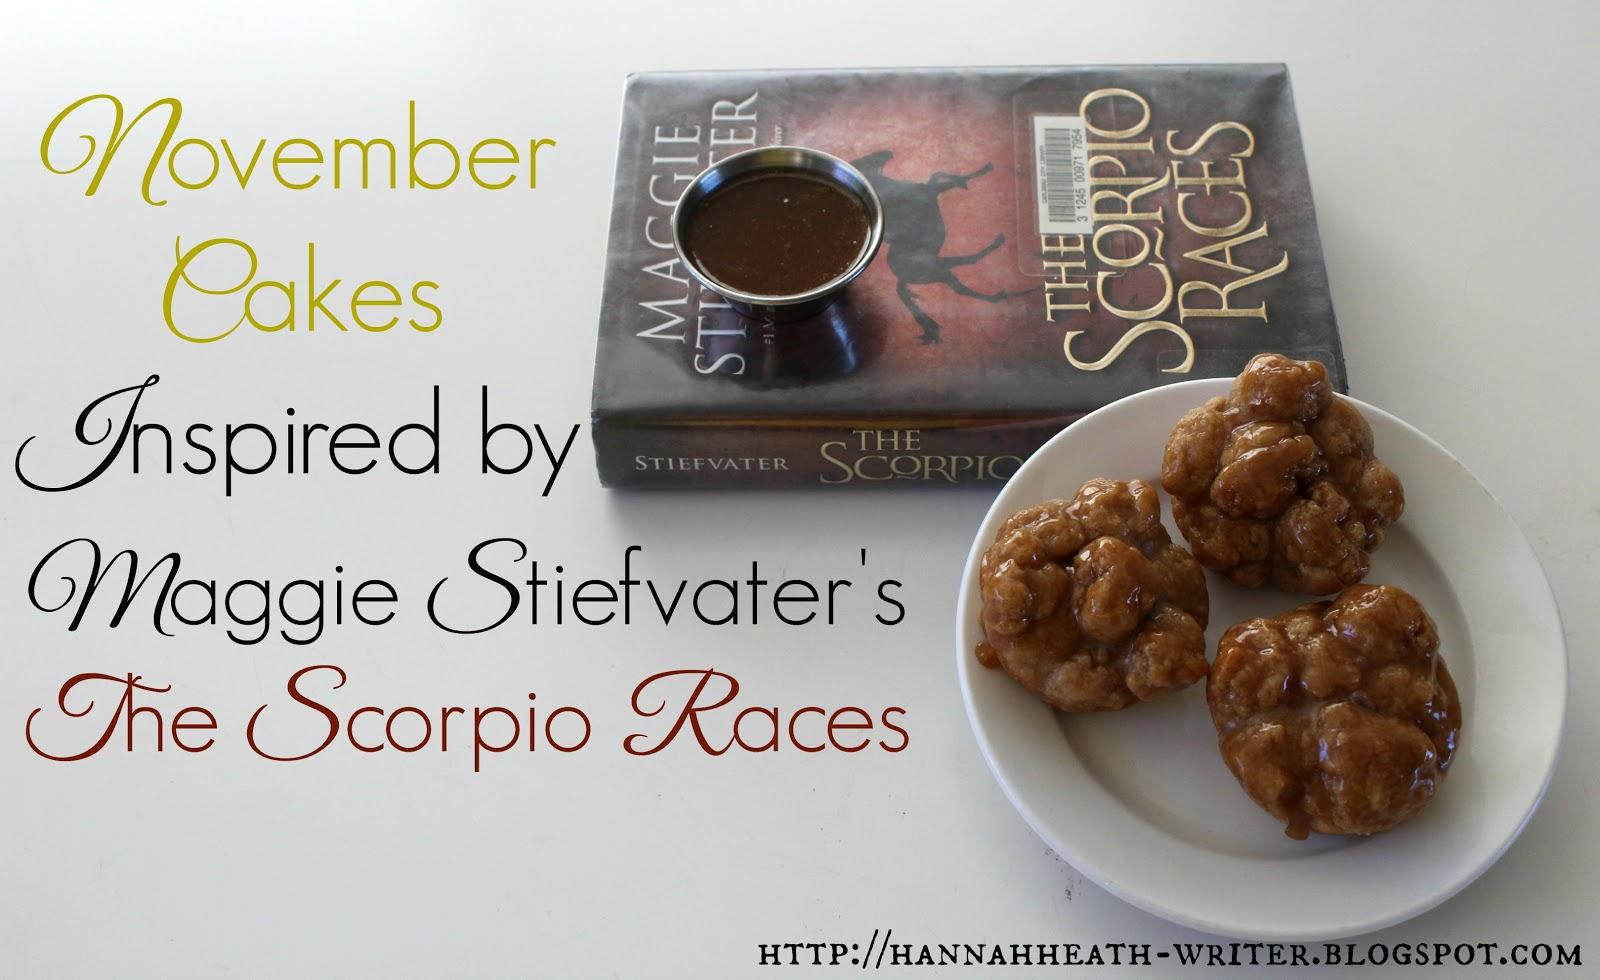 November Cakes Scorpio Races